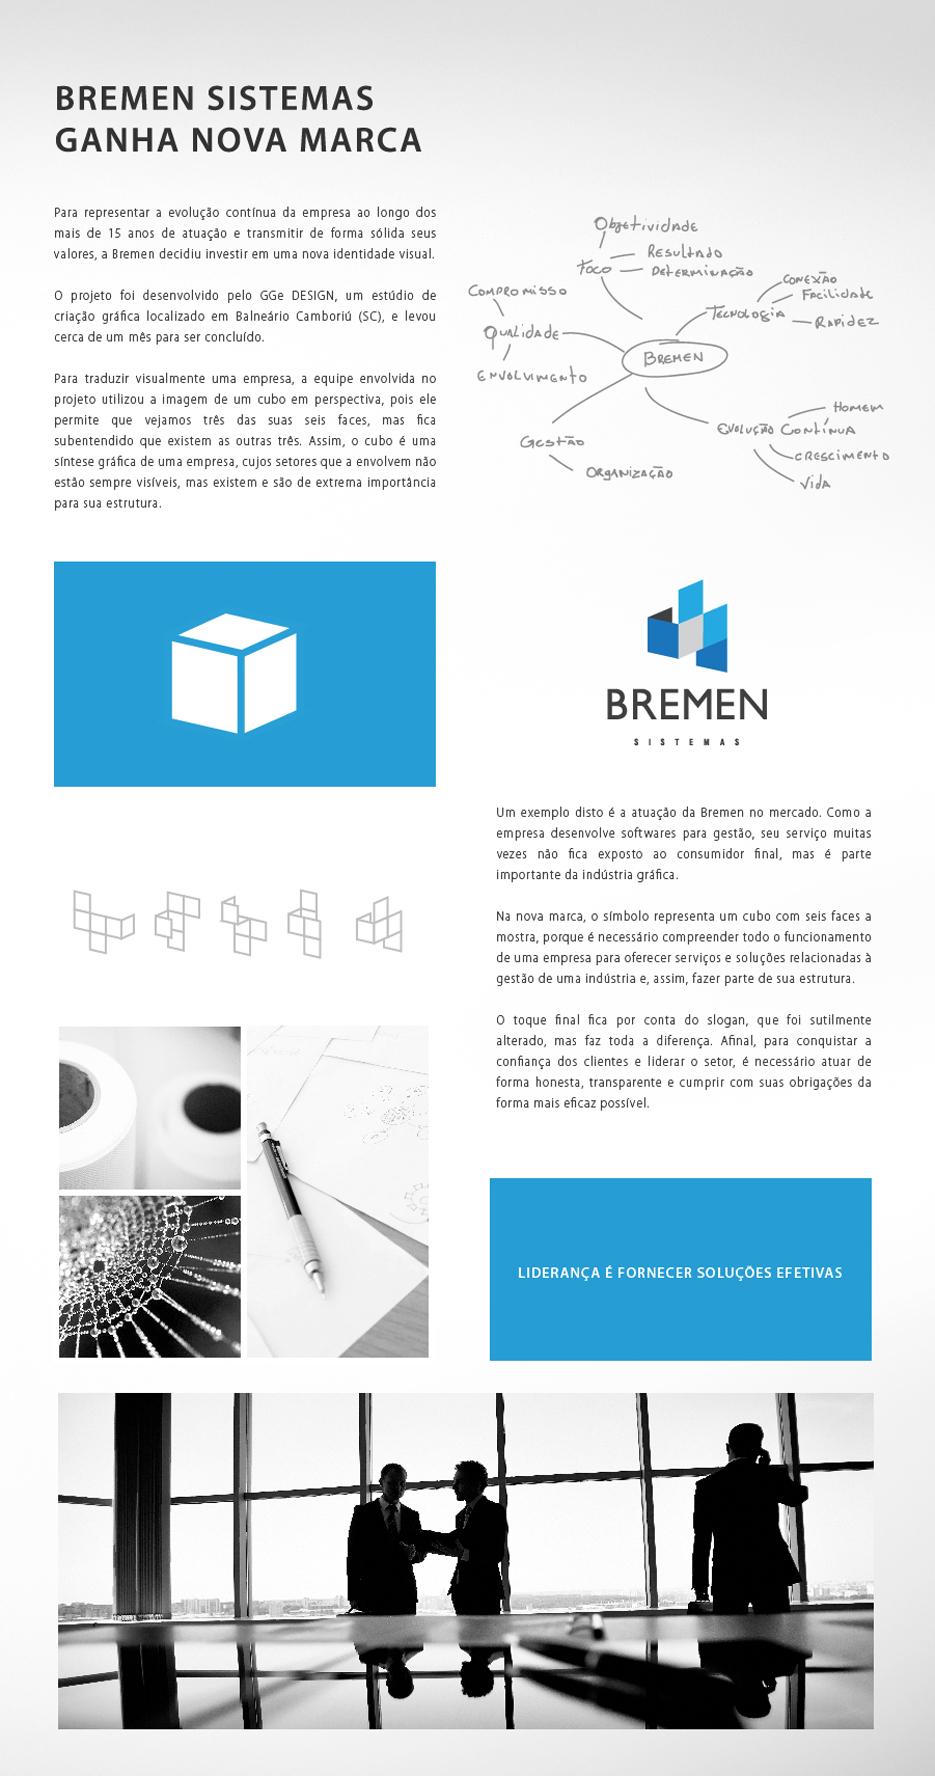 http://bremen.com.br/assets/dinamicos/imprensa/resumo_020_01.jpg?_dc=200122083917